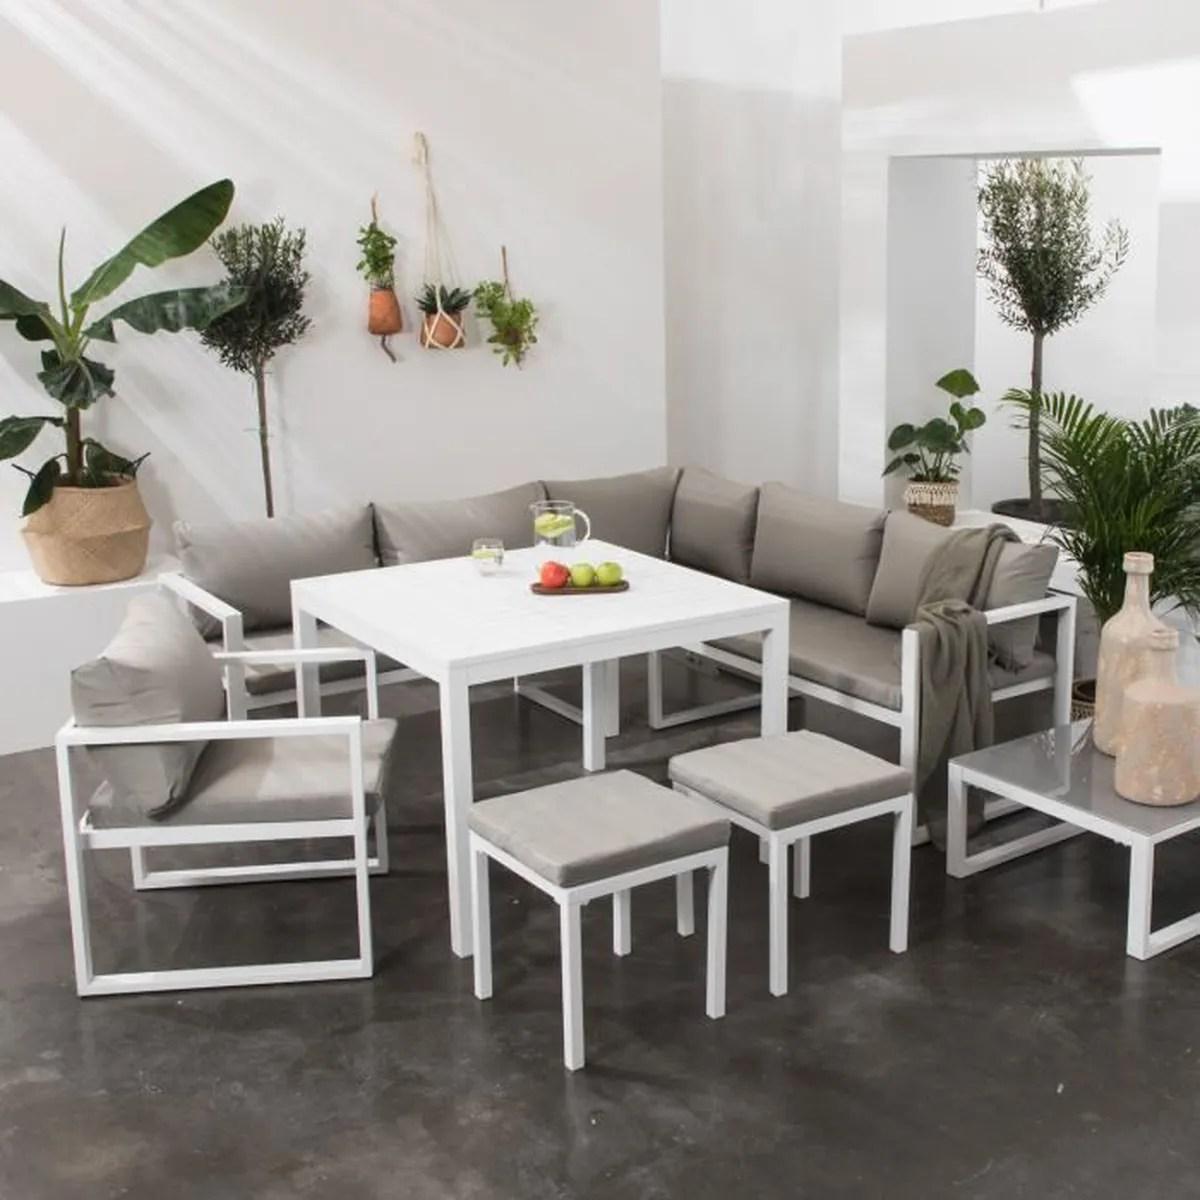 Salon De Jardin Design Pas Cher   Table Salon De Jardin Plastique ...